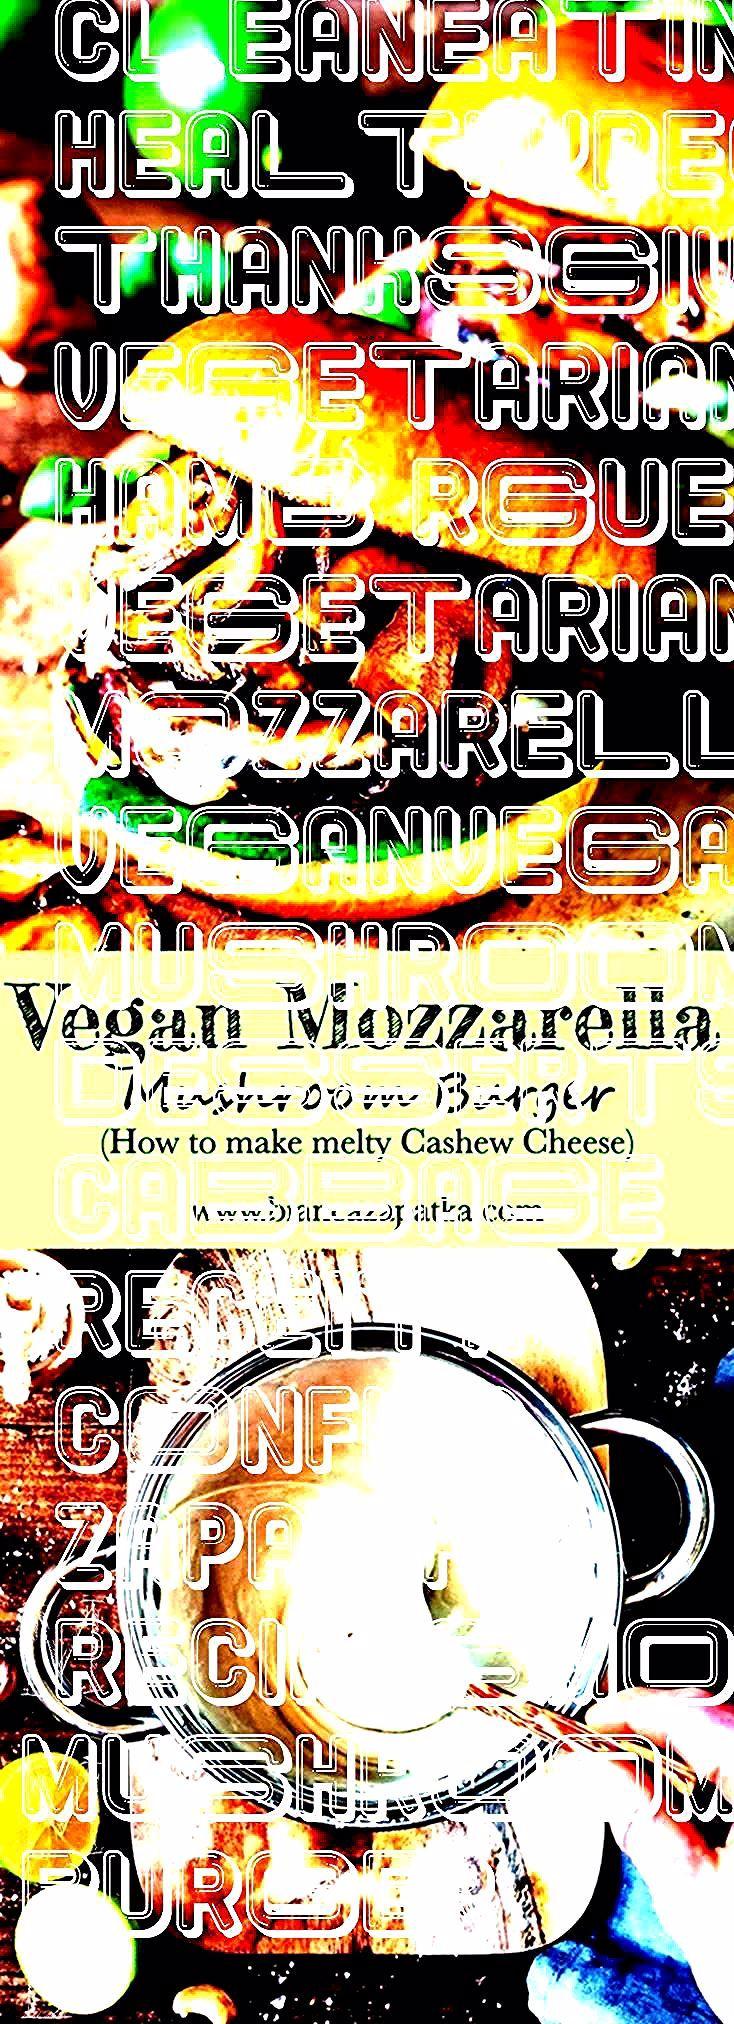 Burger  Bianca Zapatka  Recipes  Vegan Mozzarella Mushroom Burger Vegan Mozzarella Mushroom Burger  Bianca Zapatka  Recipes  Vegan Mozzarella Mushroom Burger  Confira a r...